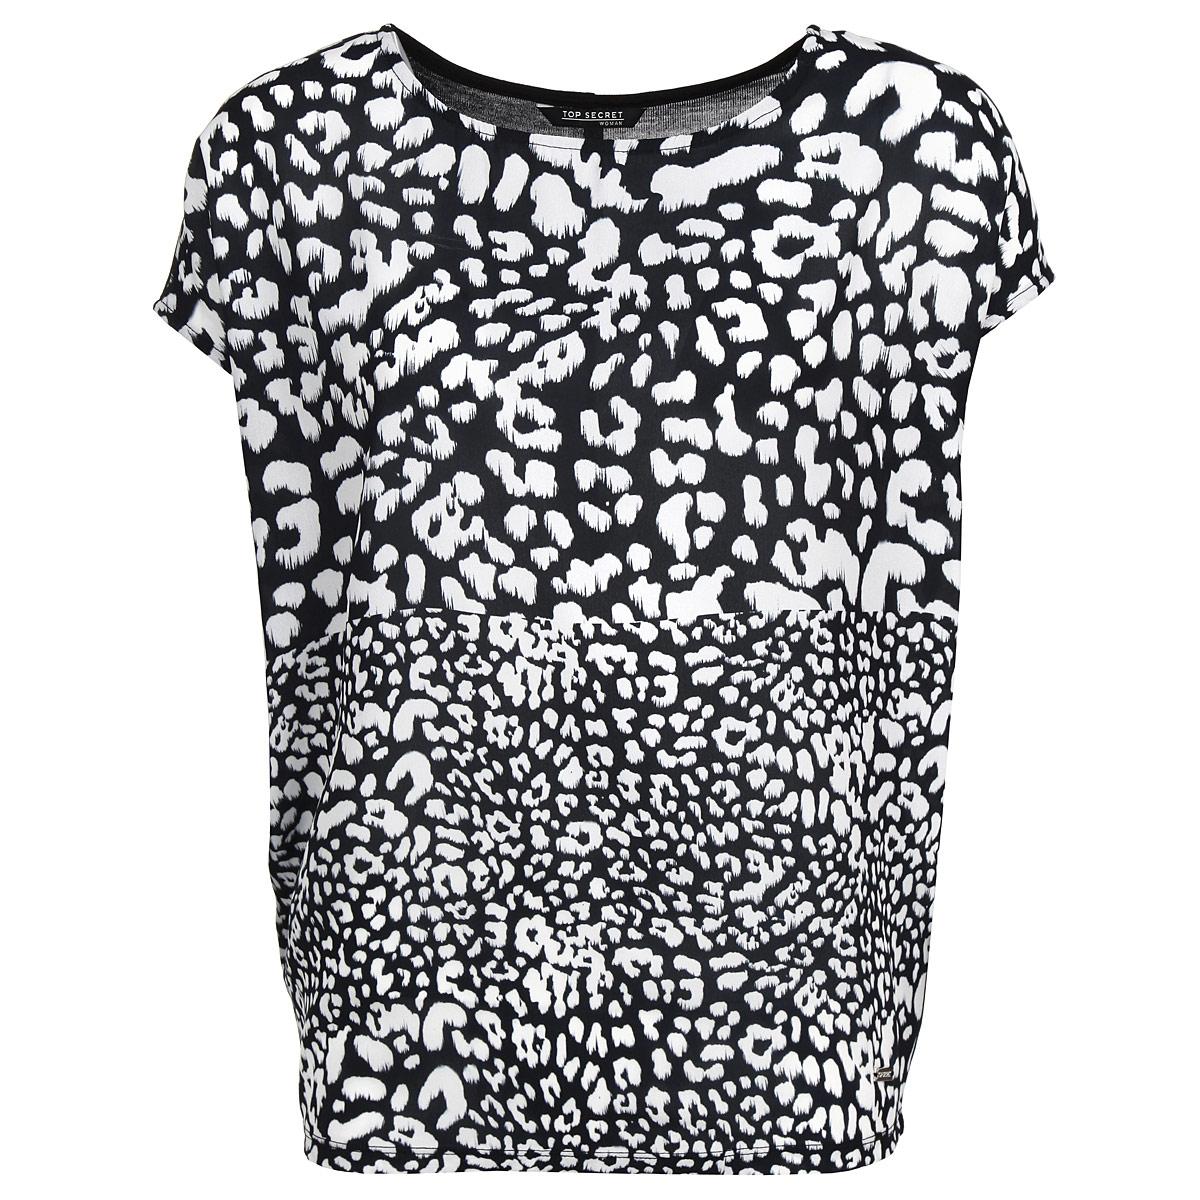 БлузкаSBK2113BIСтильная блуза Top Secret, выполненная из высококачественного материала, подчеркнет ваш уникальный стиль и поможет создать оригинальный женственный образ. Блузка свободного кроя с короткими рукавами-кимоно и круглым вырезом горловины оформлена принтом в виде контрастных пятен леопарда. Легкая блуза идеально подойдет для жарких летних дней. Такая блузка будет дарить вам комфорт в течение всего дня и послужит замечательным дополнением к вашему гардеробу.